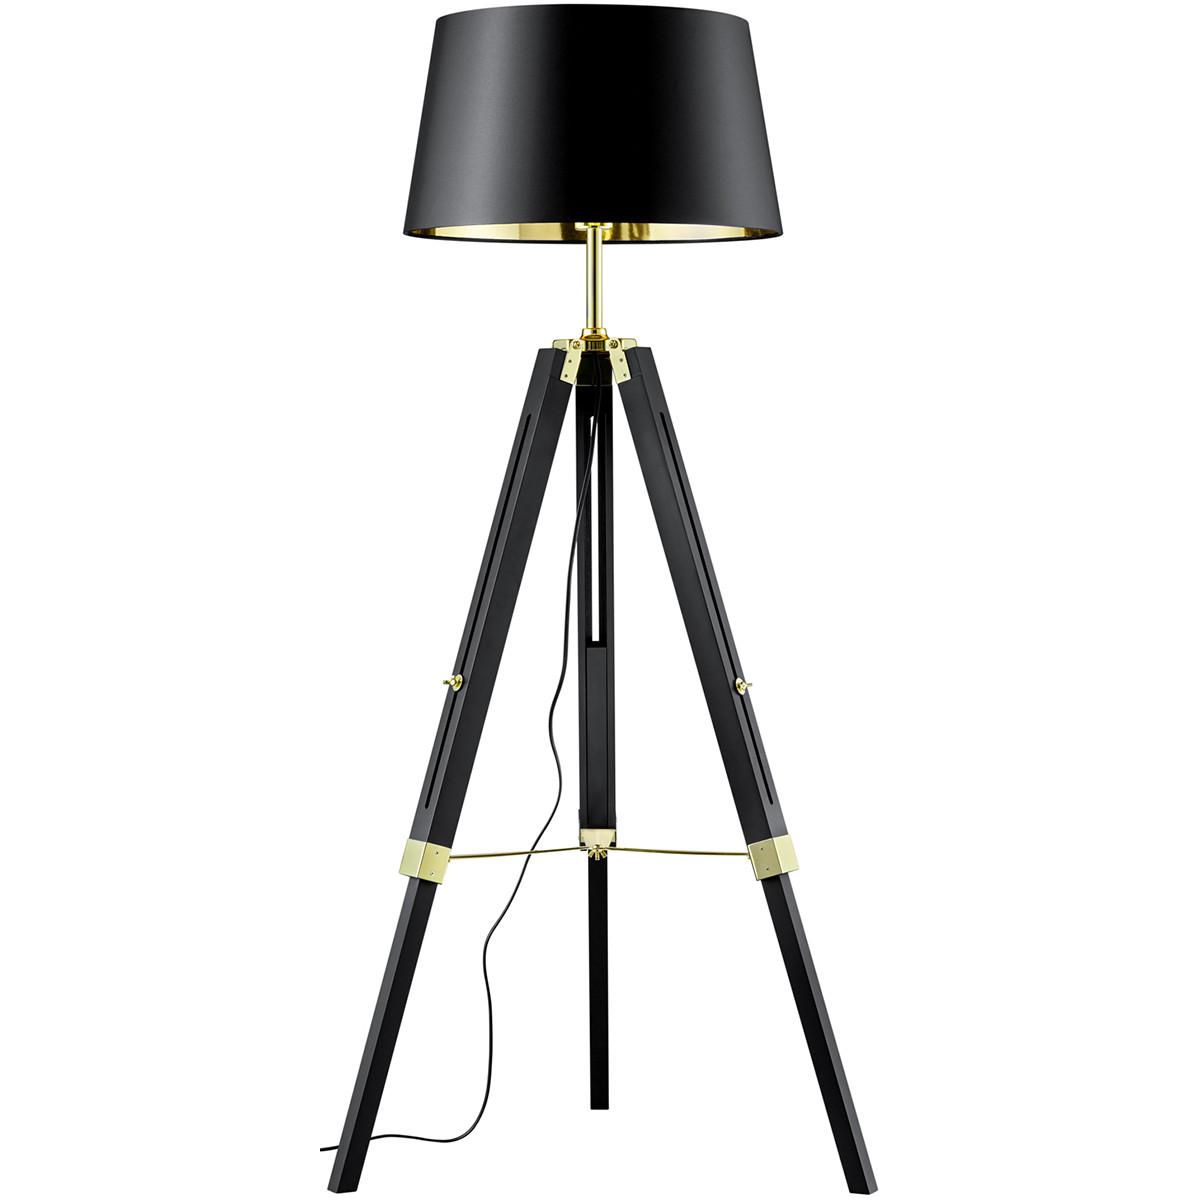 LED Vloerlamp - Trion Gantin - E27 Fitting - 1-lichts - Rond - Mat Zwart - Hout